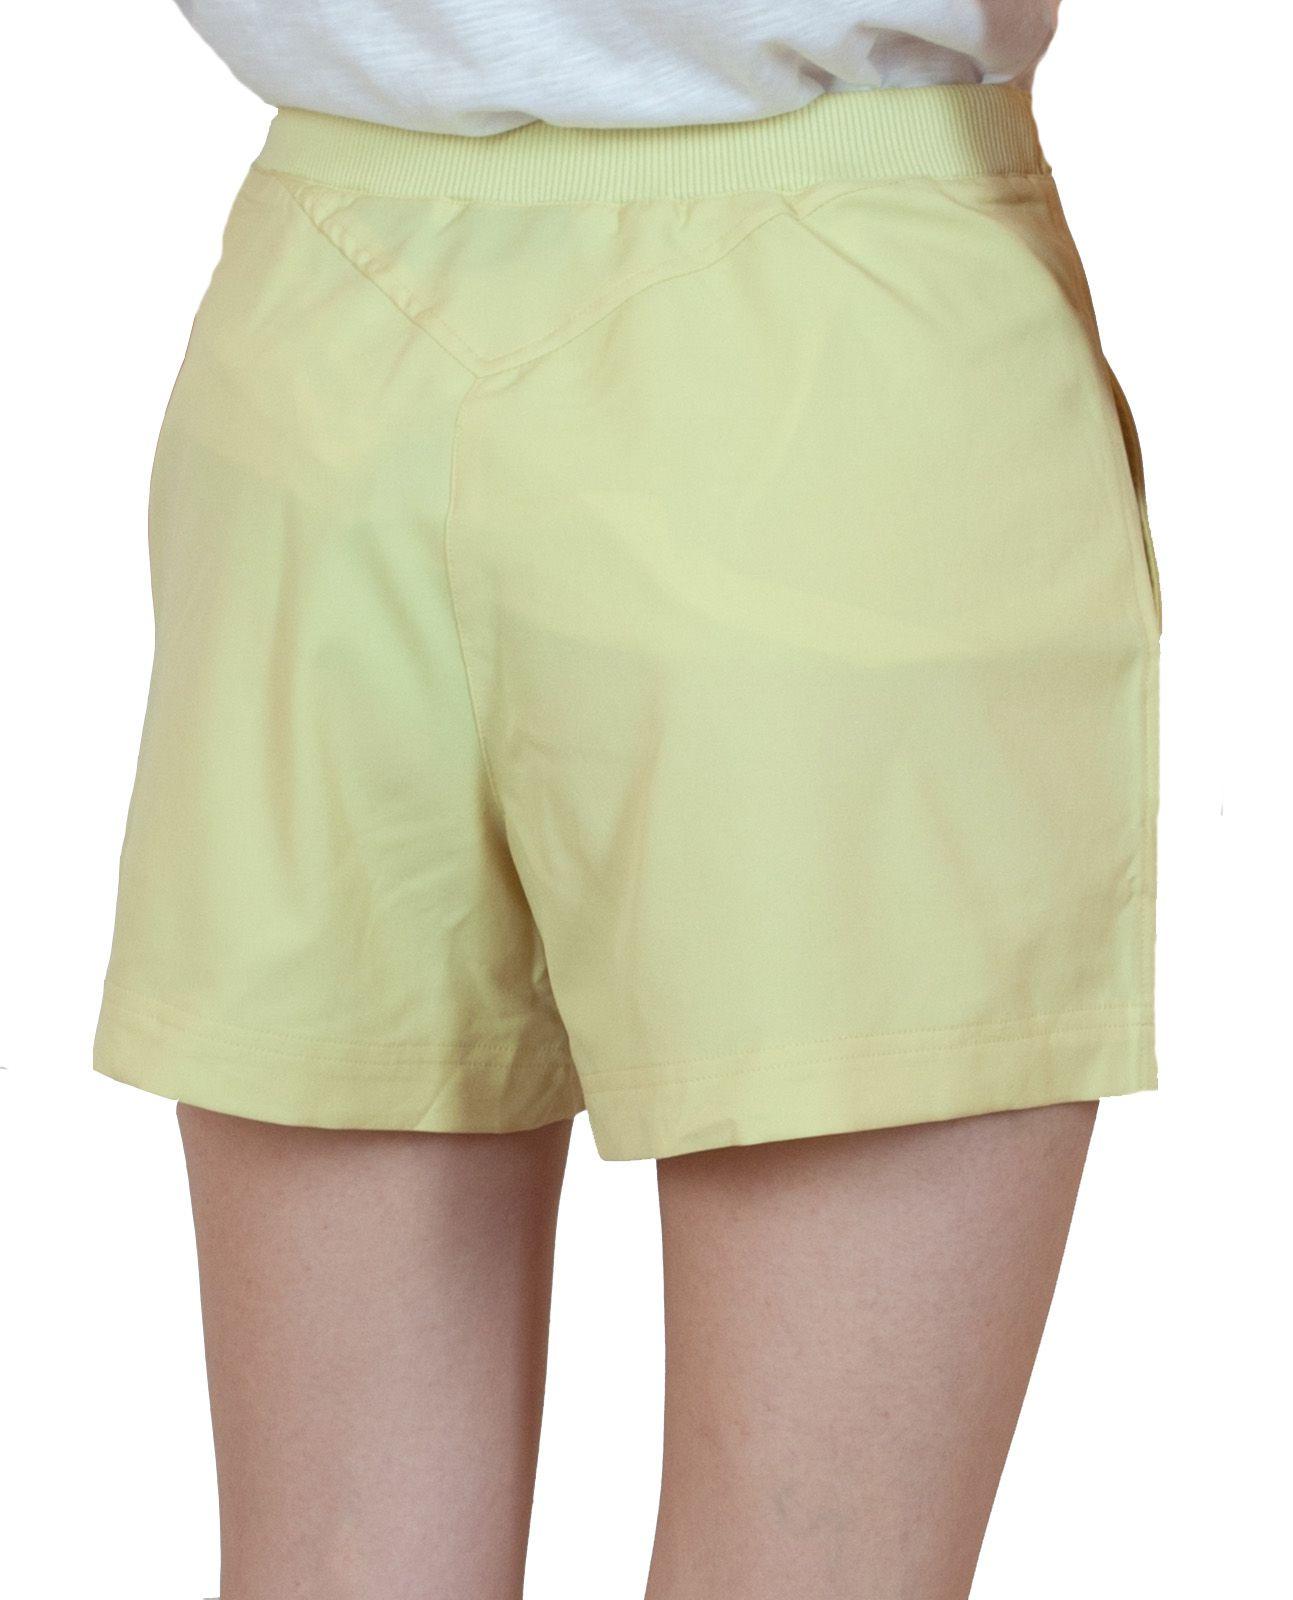 Шортики для женщин лимонного цвета - вид сзади